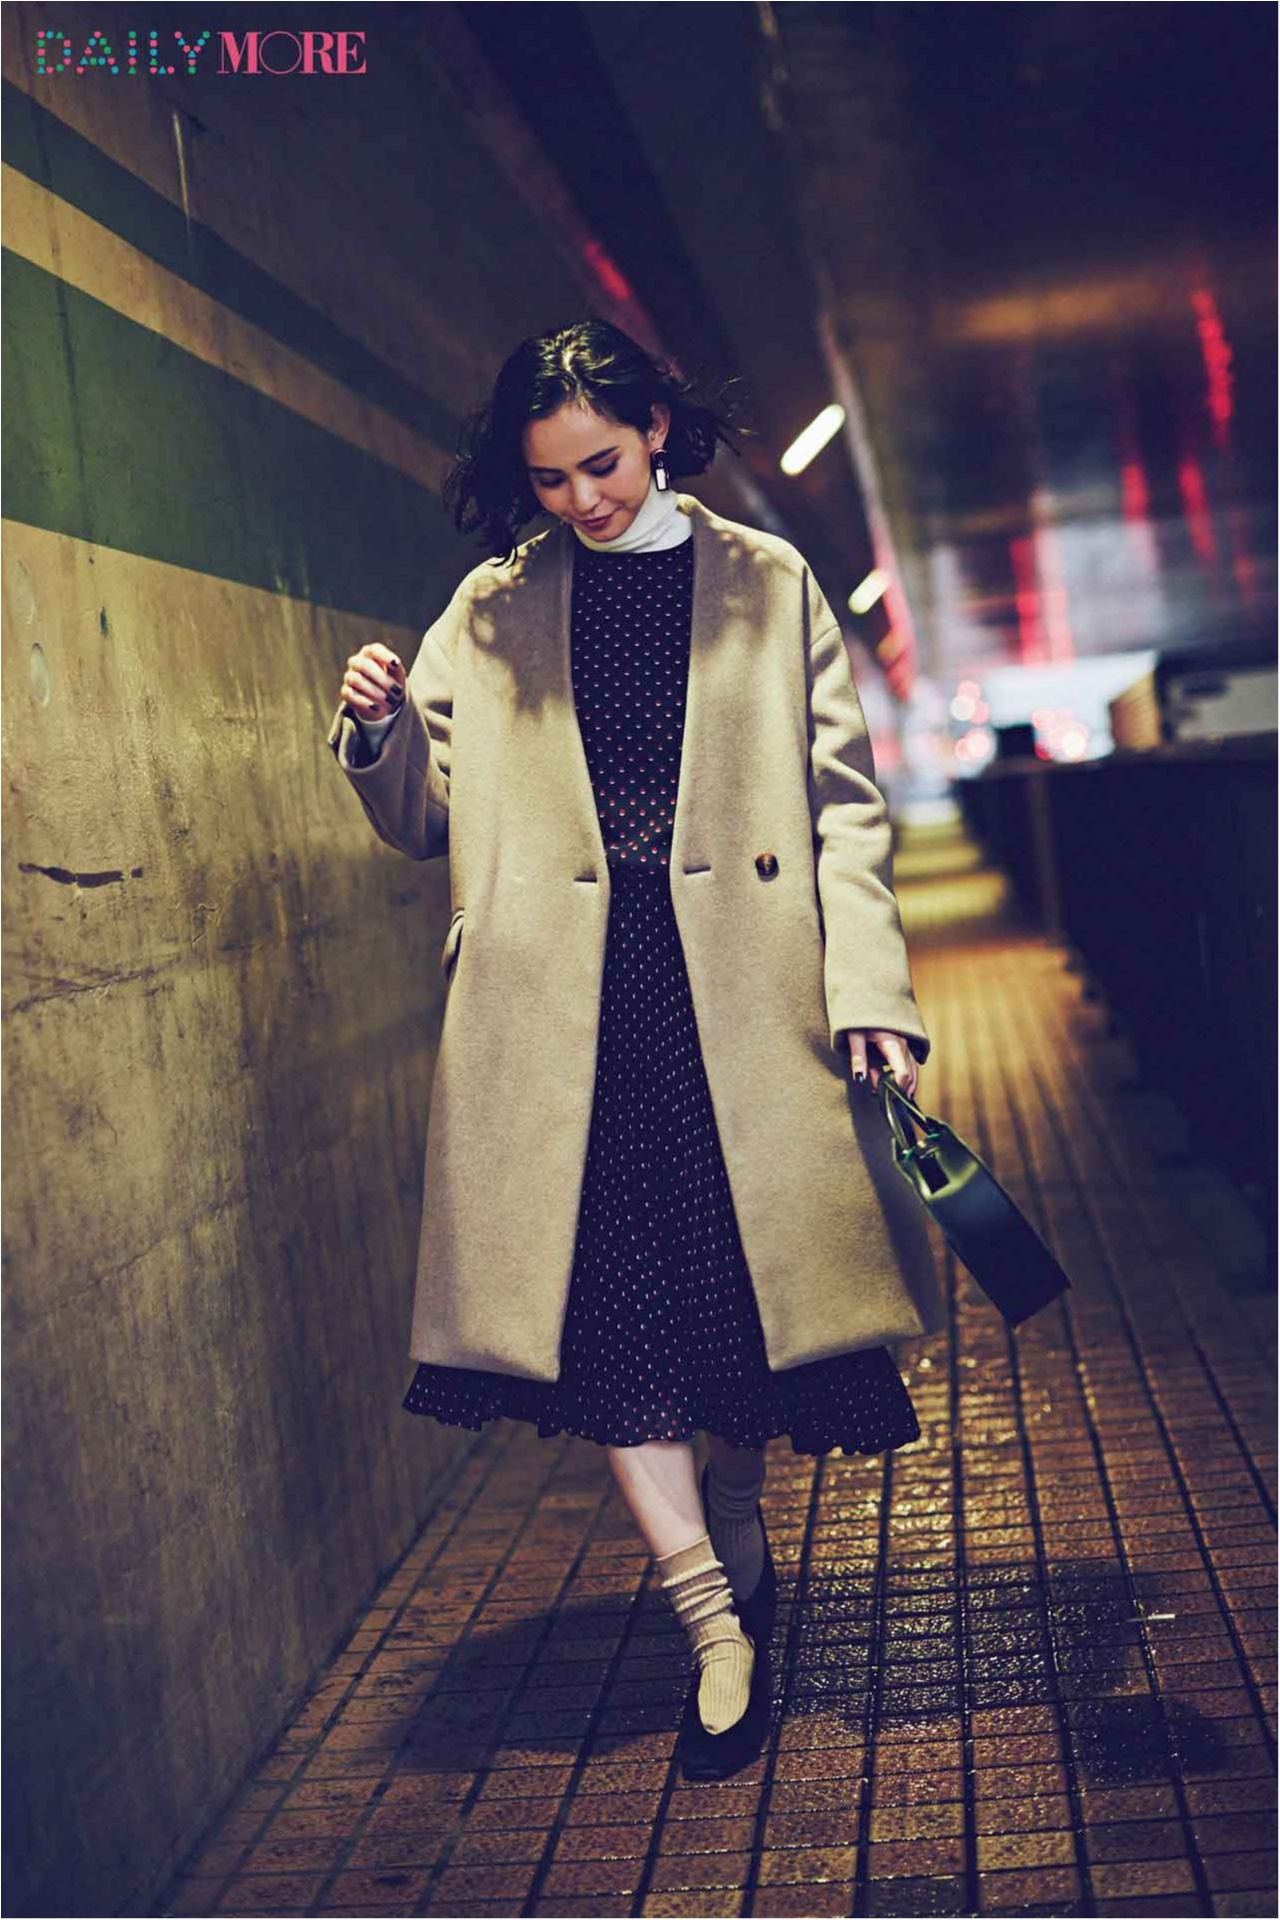 【今日のコーデ/比留川游】映画館デートの水曜日は大人のレトロガーリーで気分アップ♡_1